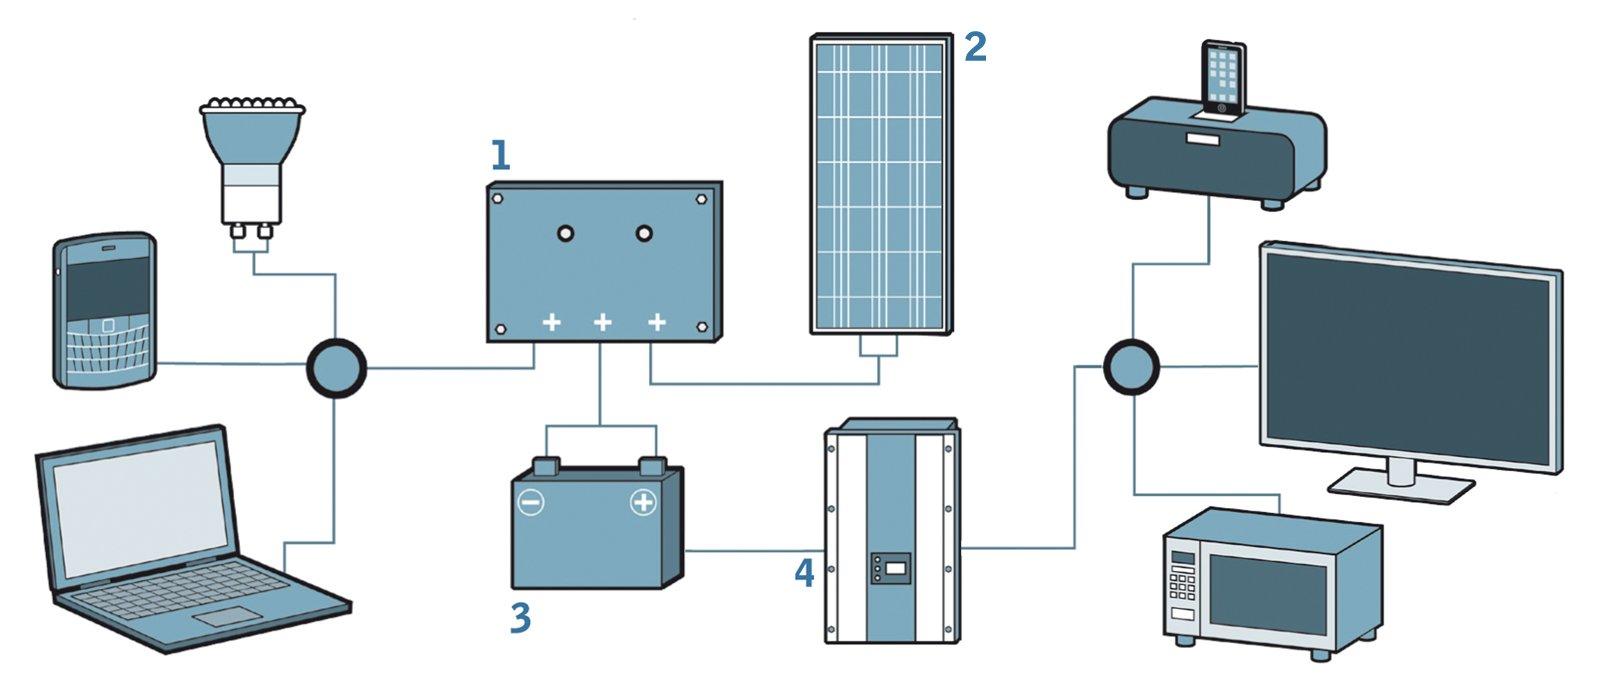 Pannello Solare Con Inverter Integrato : Fotovoltaico formato pocket cose di casa